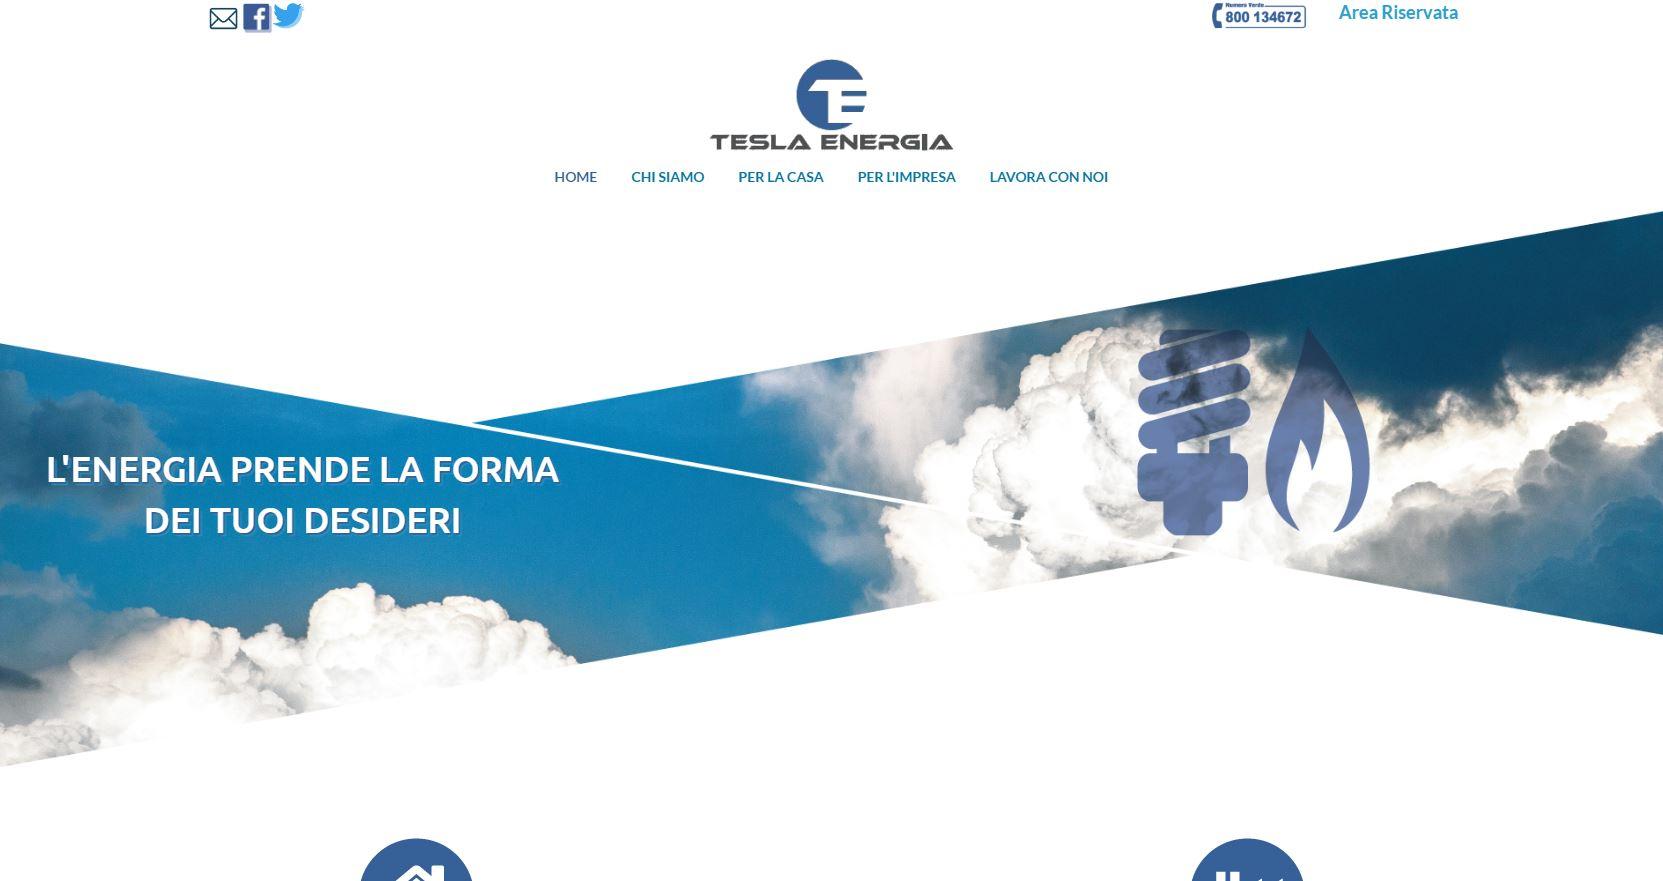 Web Design a Foligno Umbria